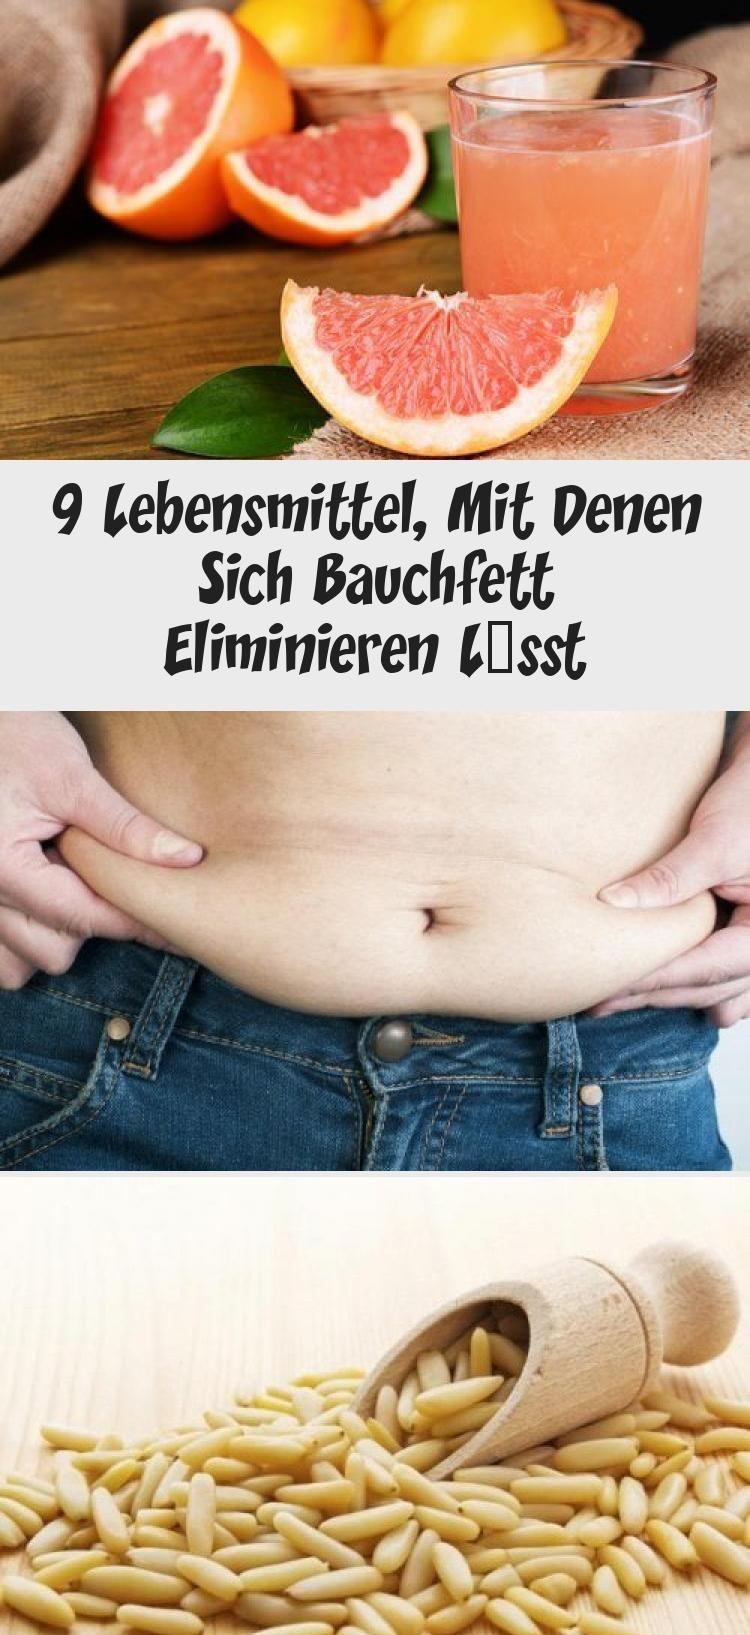 Title Mit Bildern Bauchfett Lebensmittel Spezielle Ernahrung